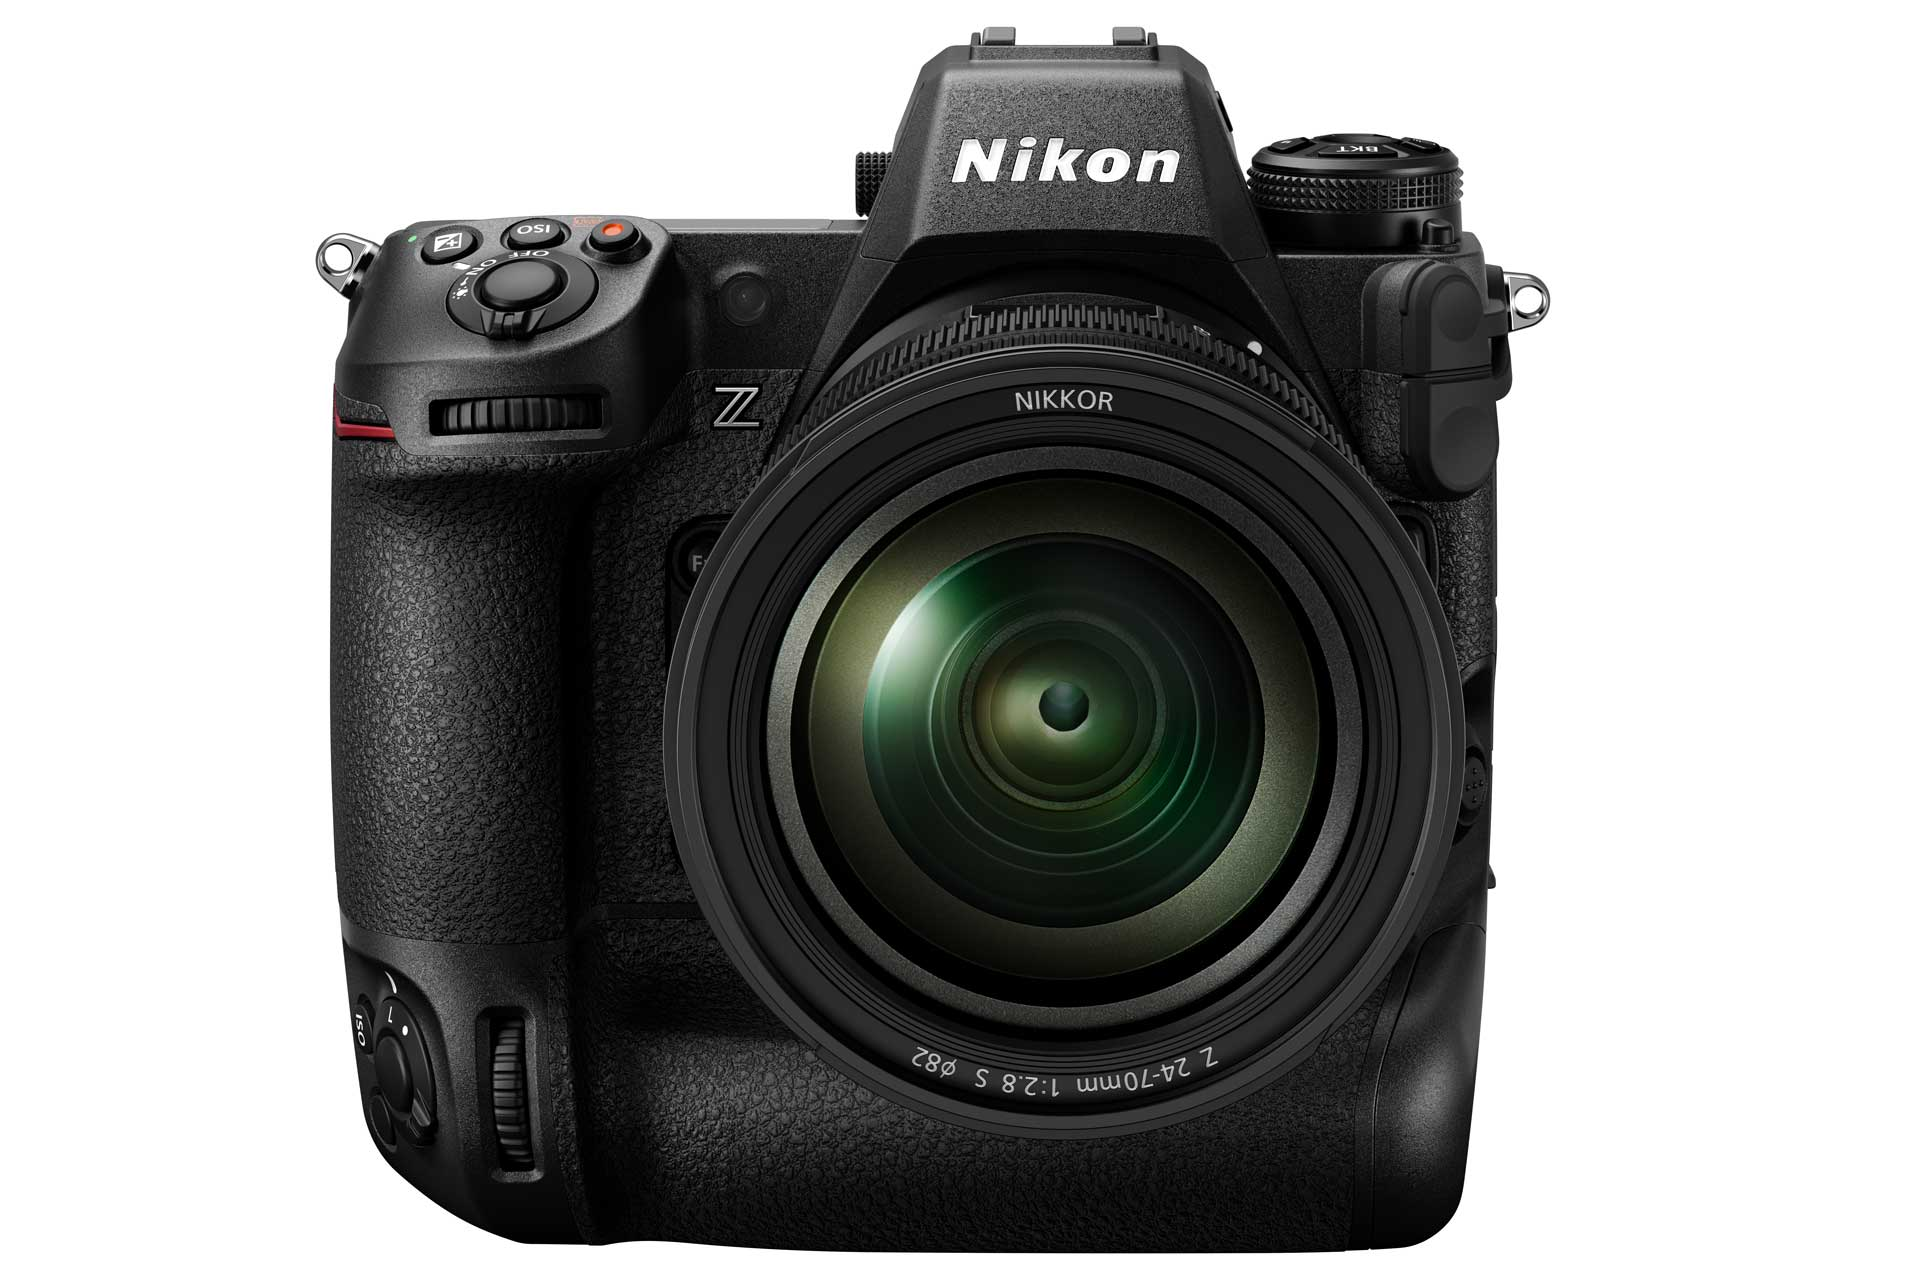 Nikon Z9 in der Forntansicht